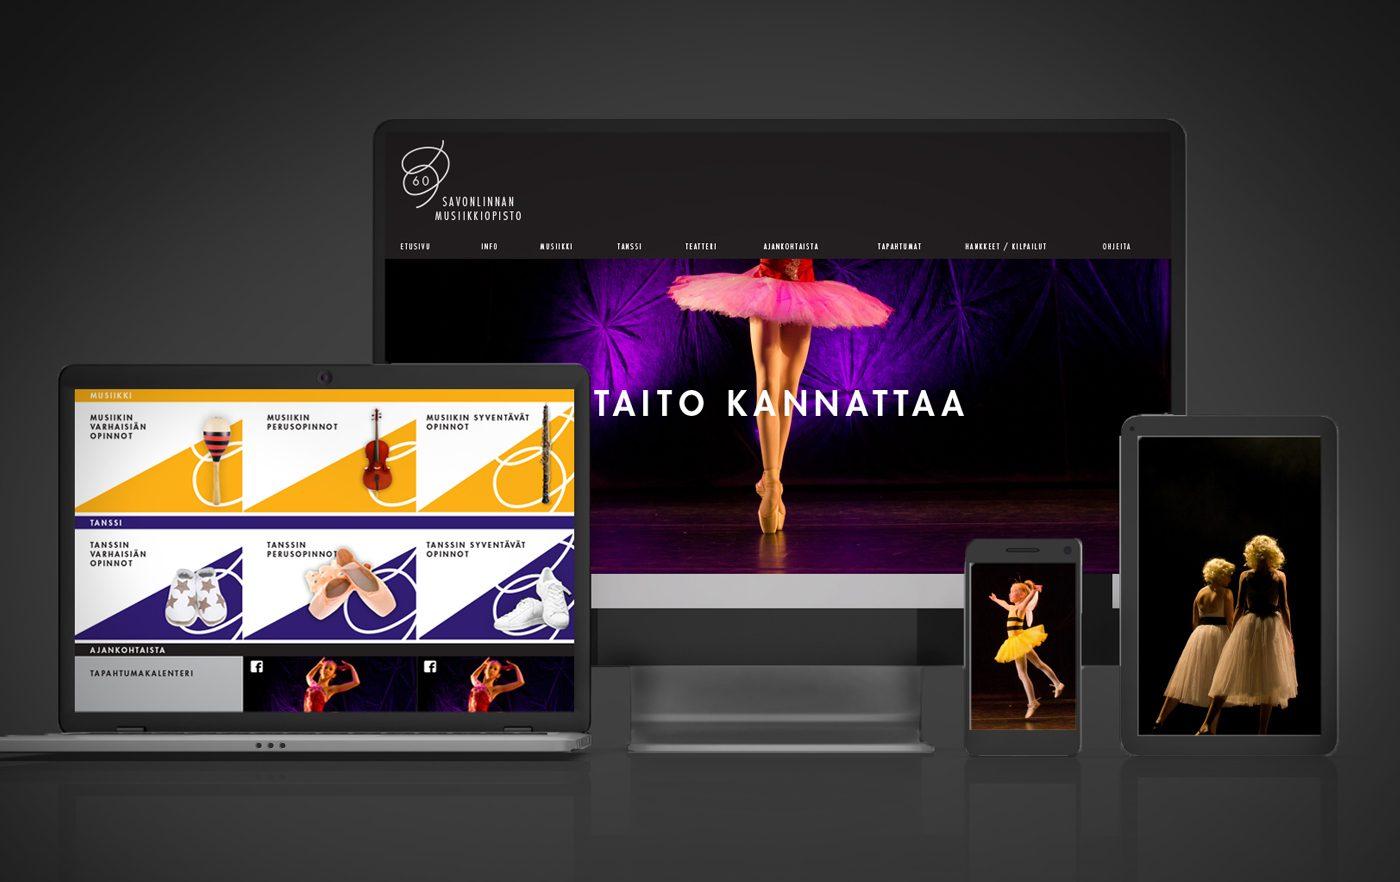 Työnäyte: Savonlinnan musiikki- ja tanssiopisto - Responsiivisten verkkosivujen suunnittelu ja toteutus, visuaalinen ja graafinen suunnittelu